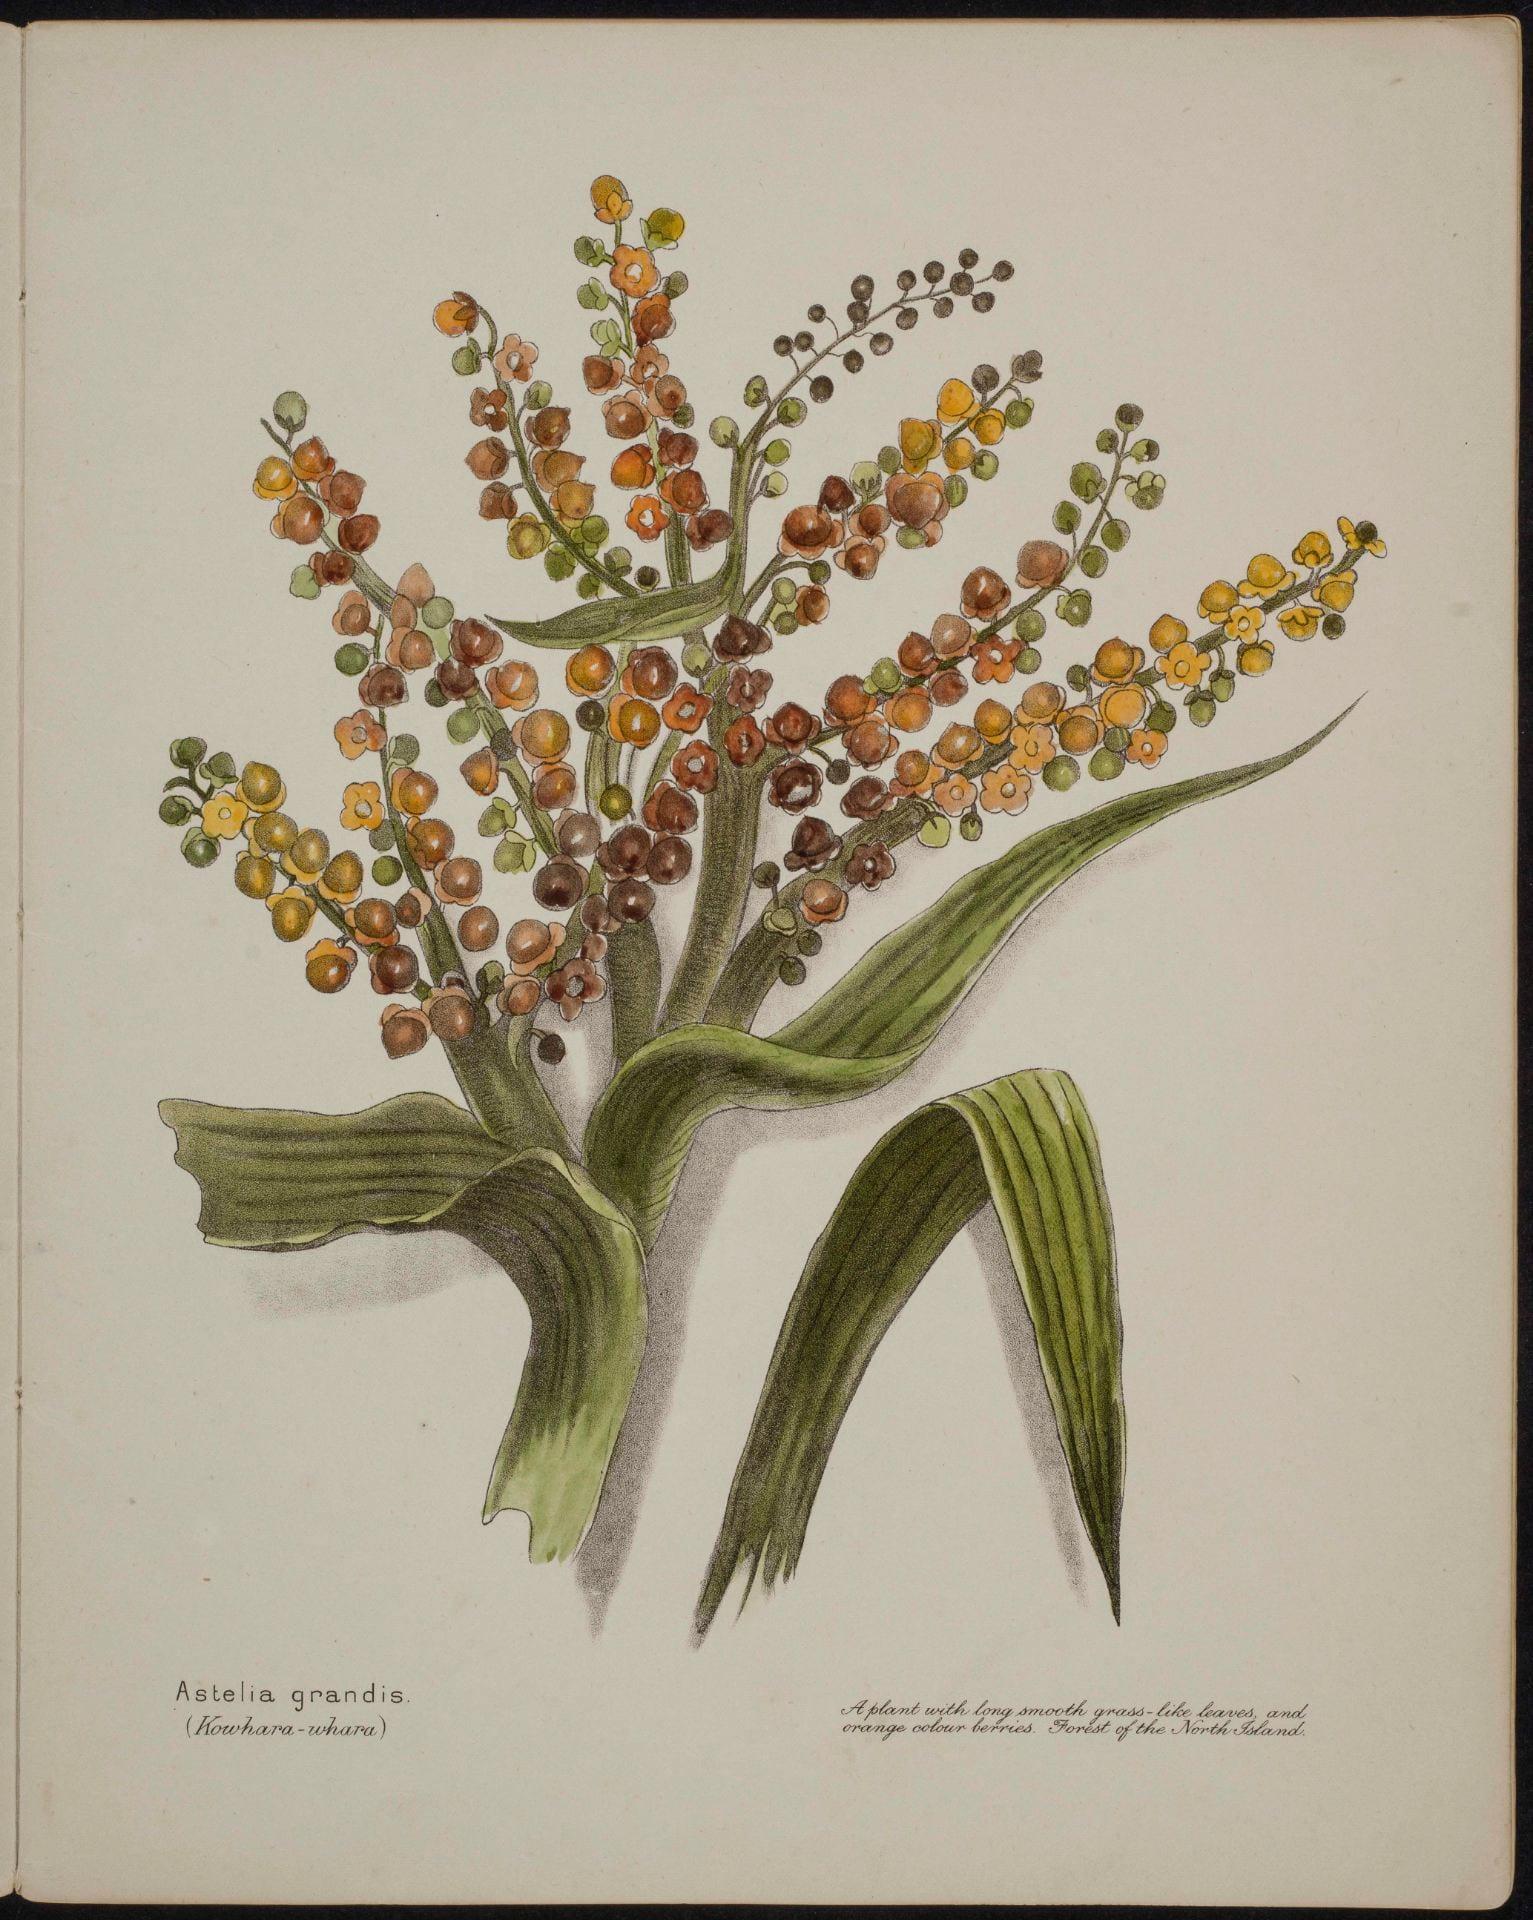 Astelia grandis Kowhara-whara